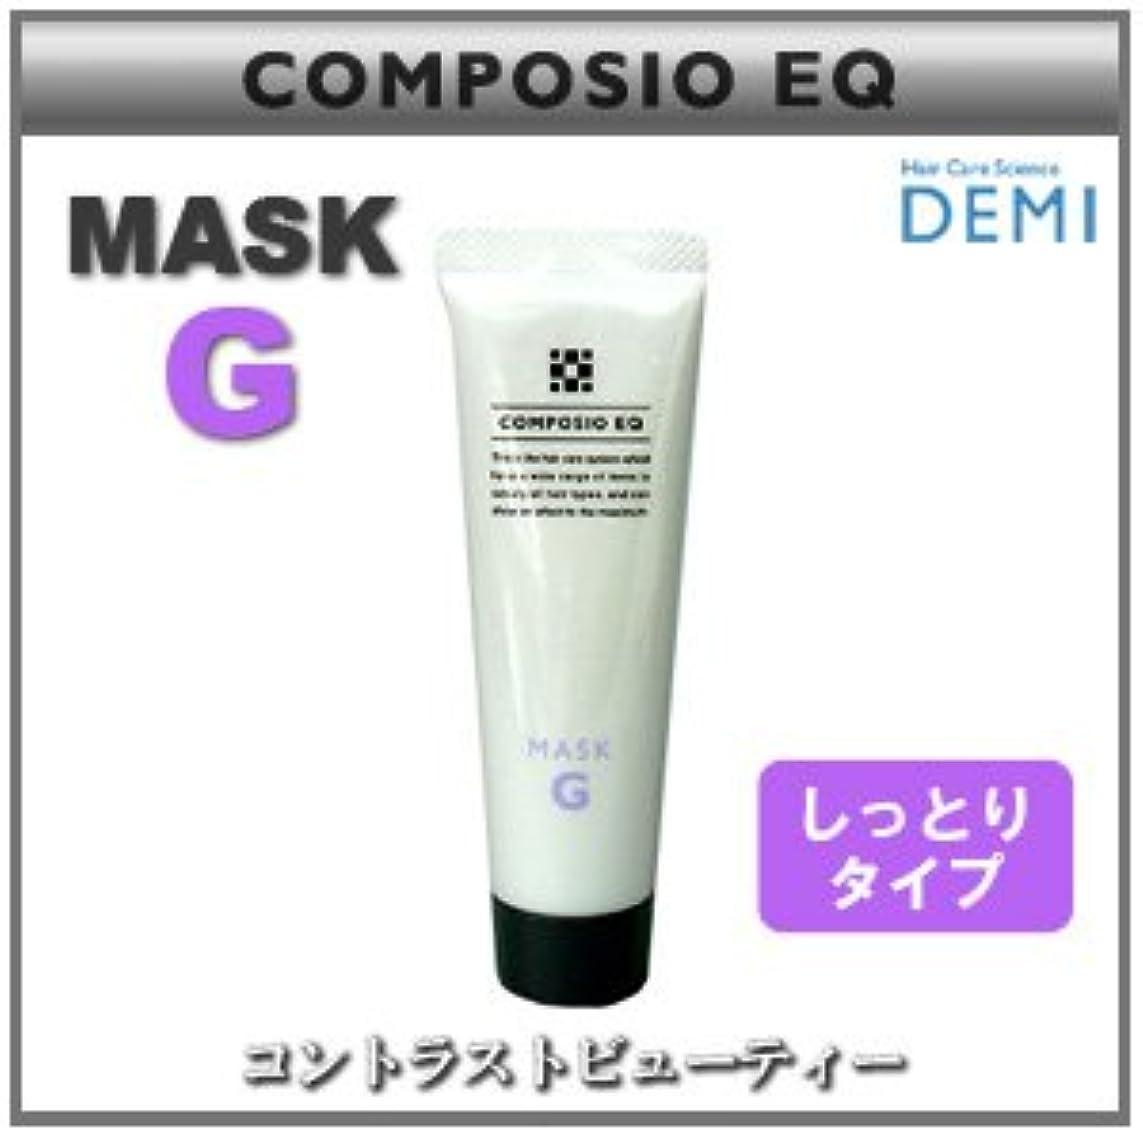 いたずらな錆び悲惨【X5個セット】 デミ コンポジオ EQ マスク G 50g